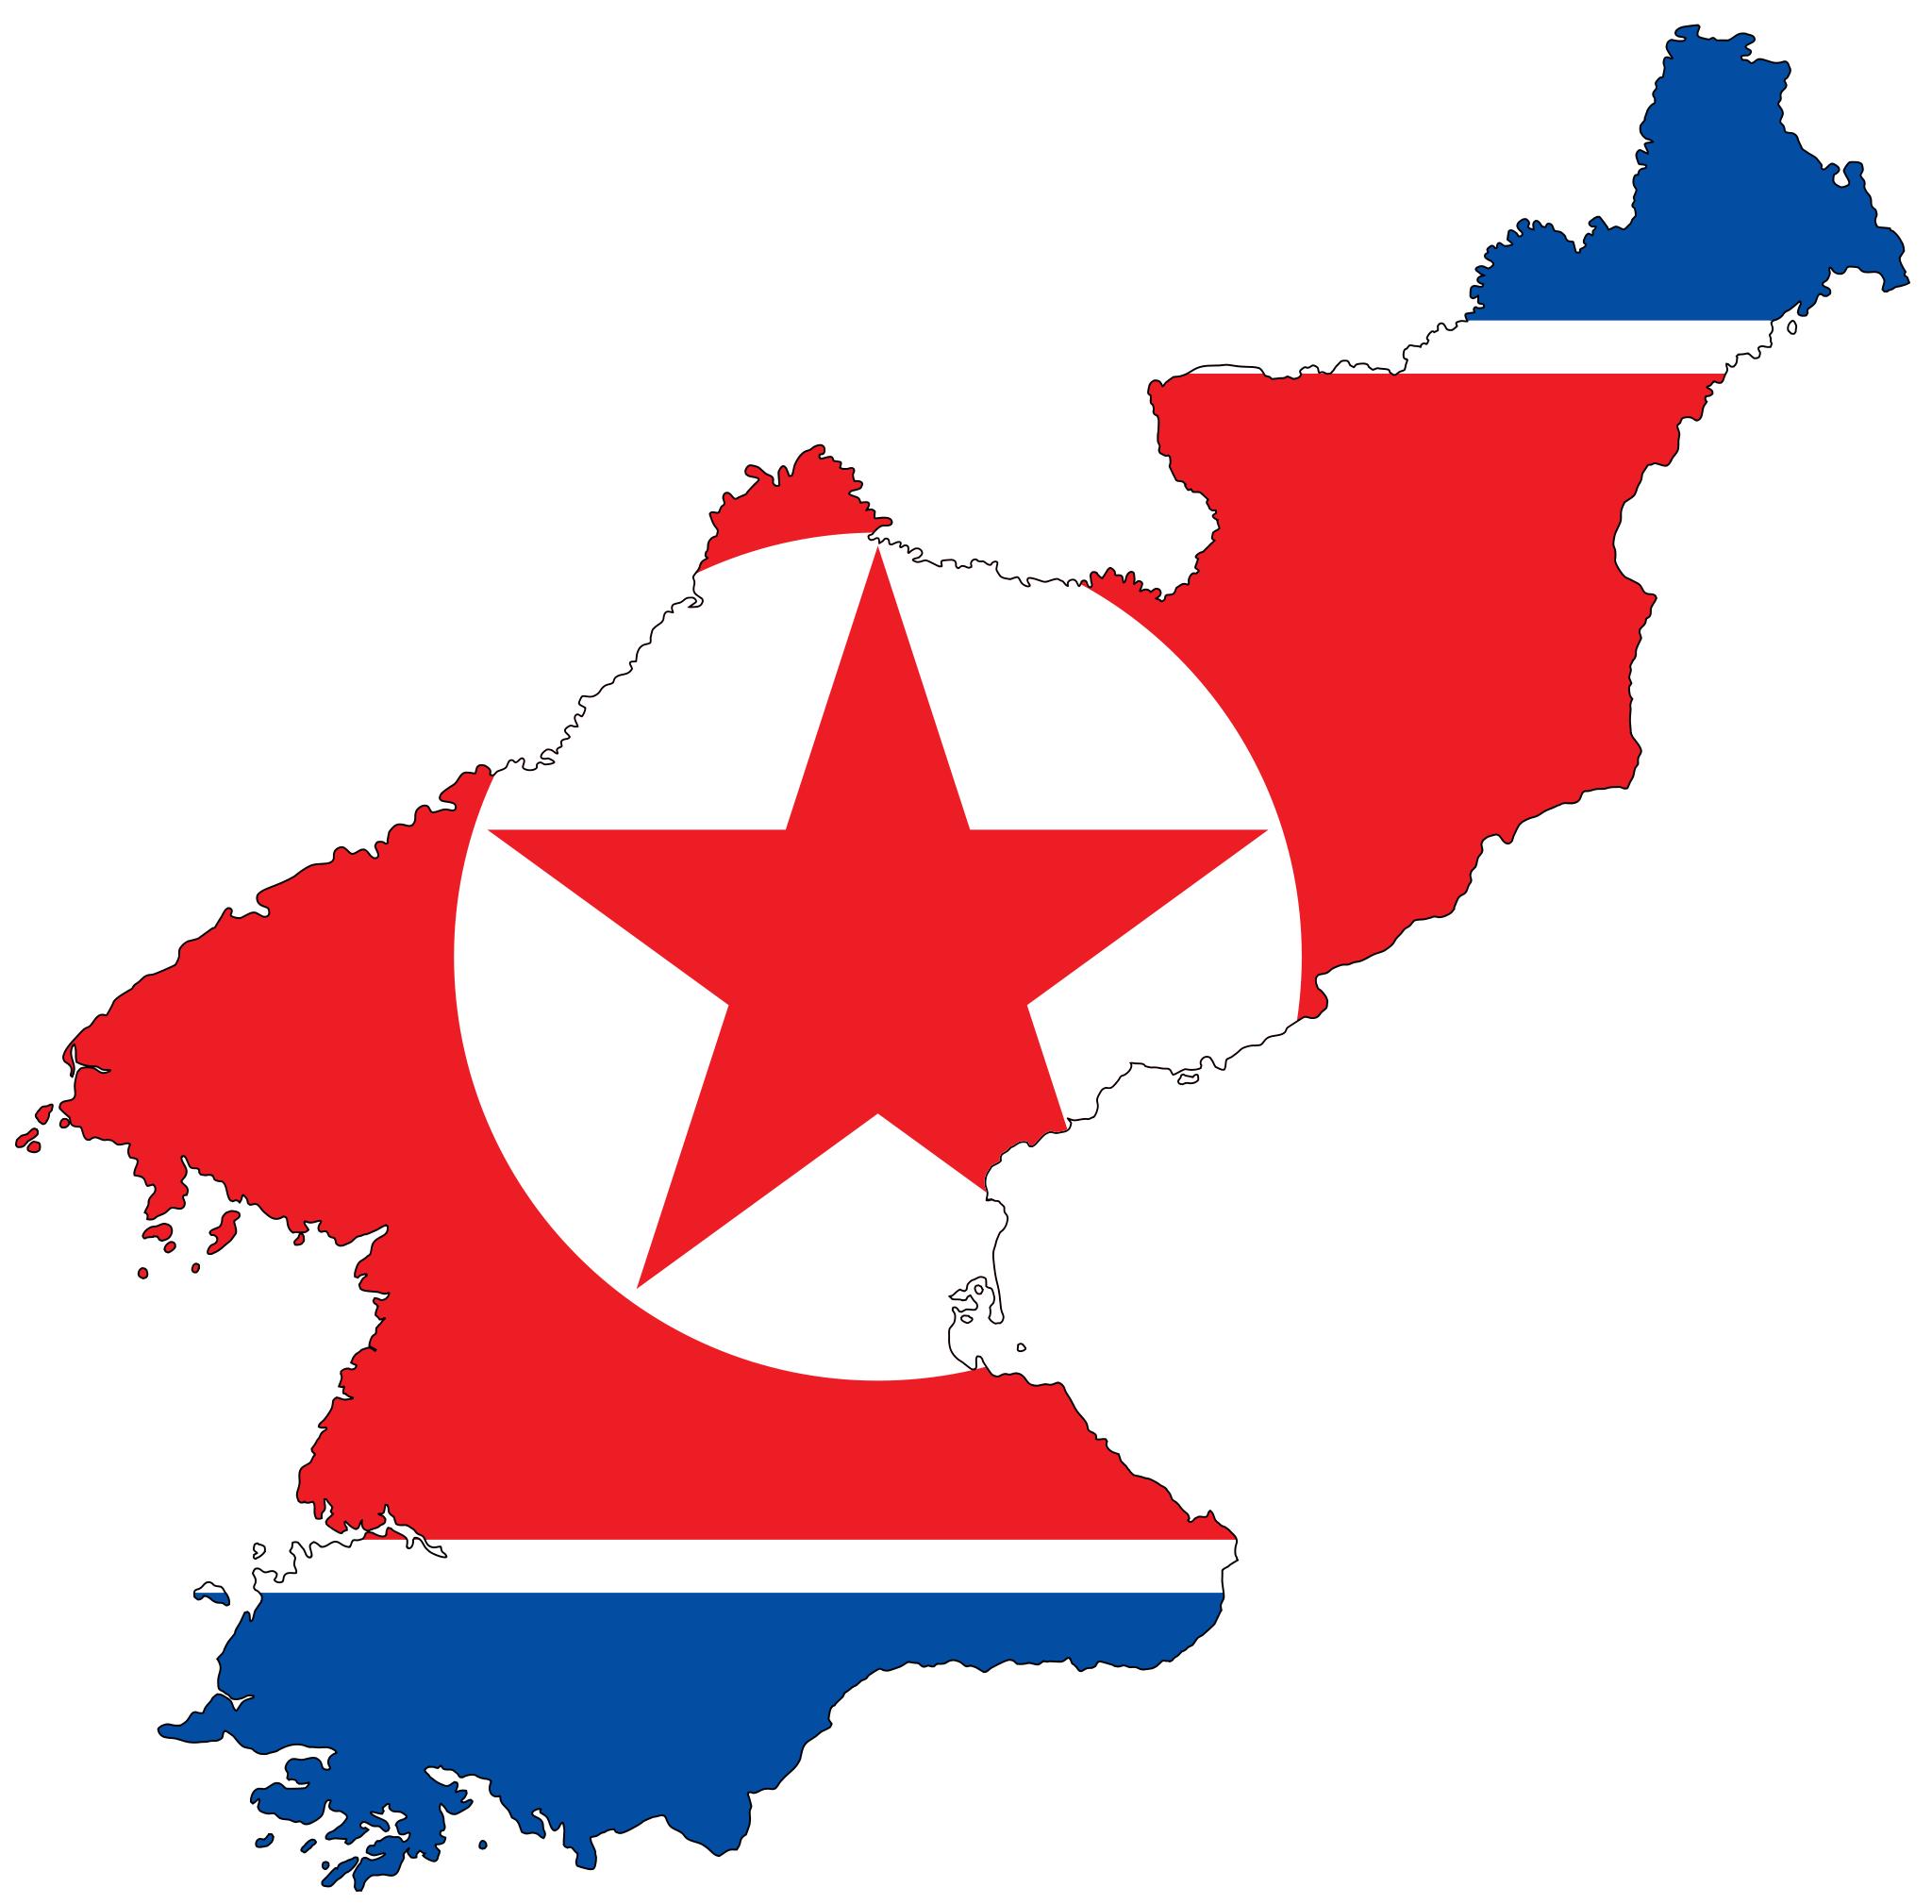 5 Brutal Secrets About North Korea